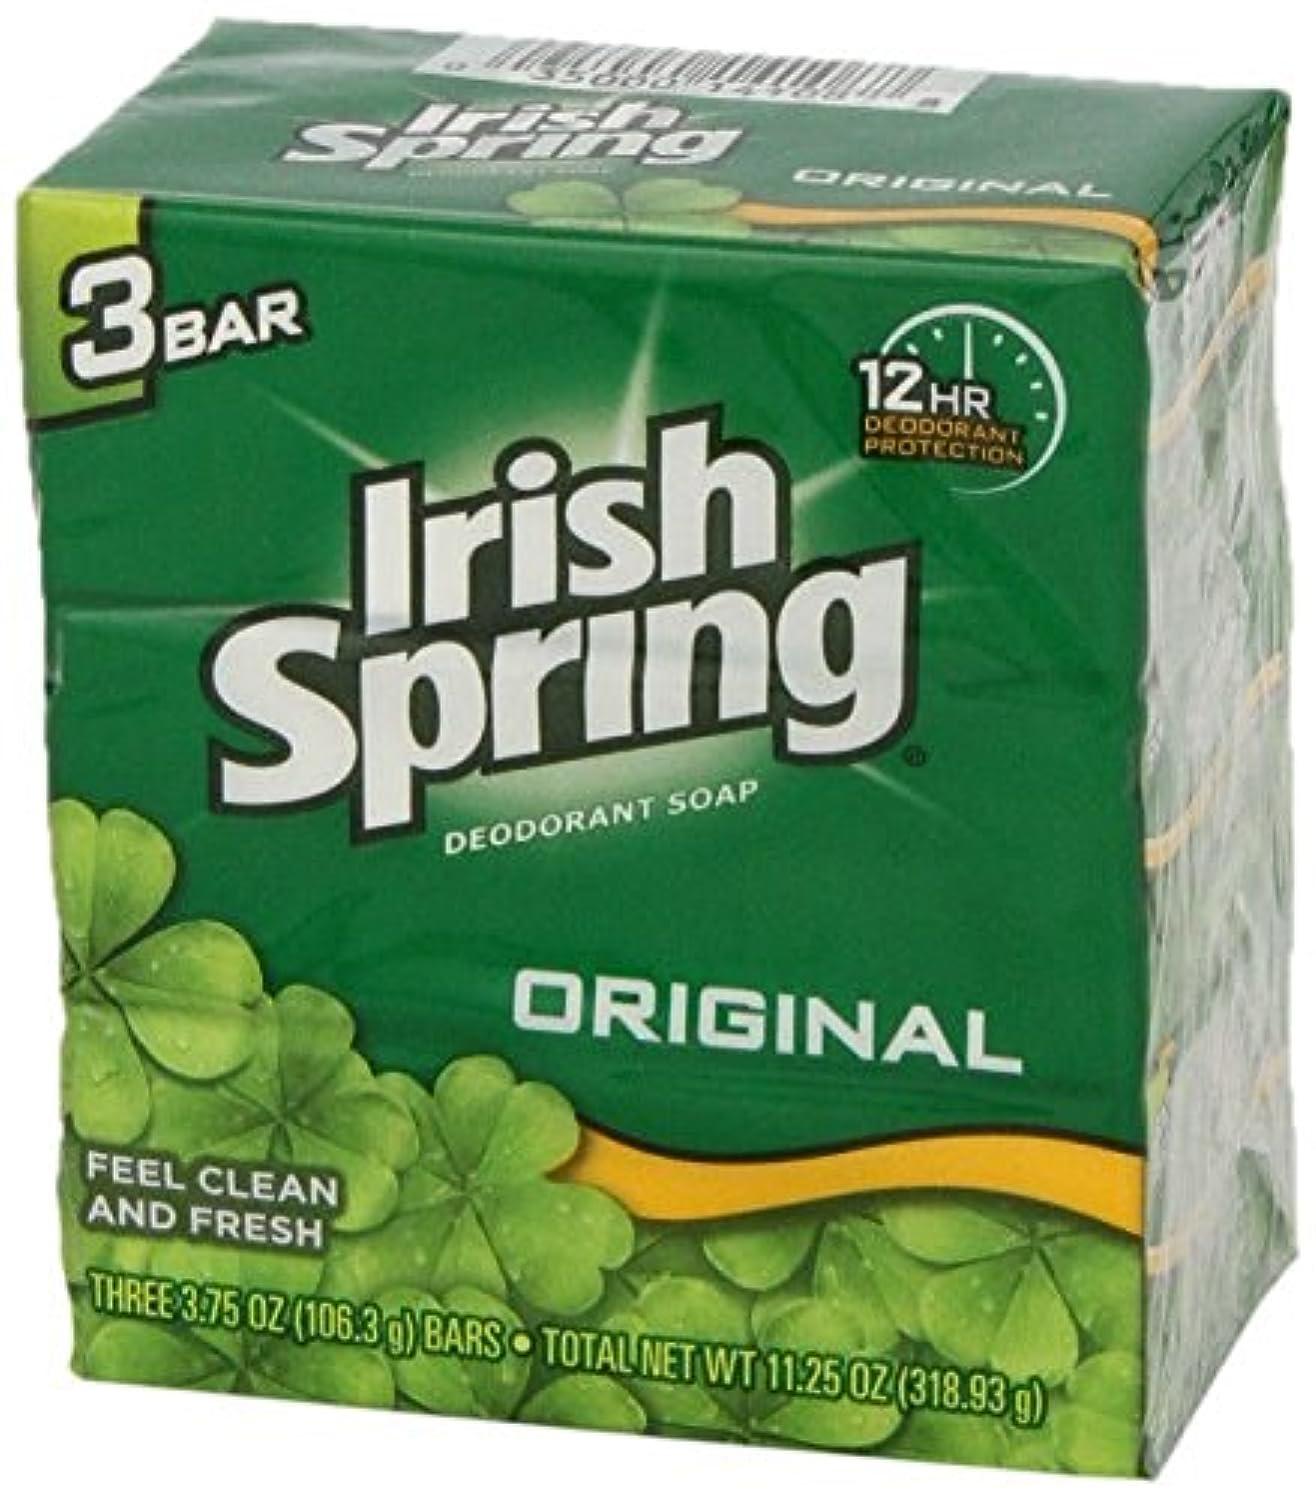 死ぬ流行している乗算Irish Springs アイルランドの春オリジナルデオドラント石鹸3のCt(24パック)